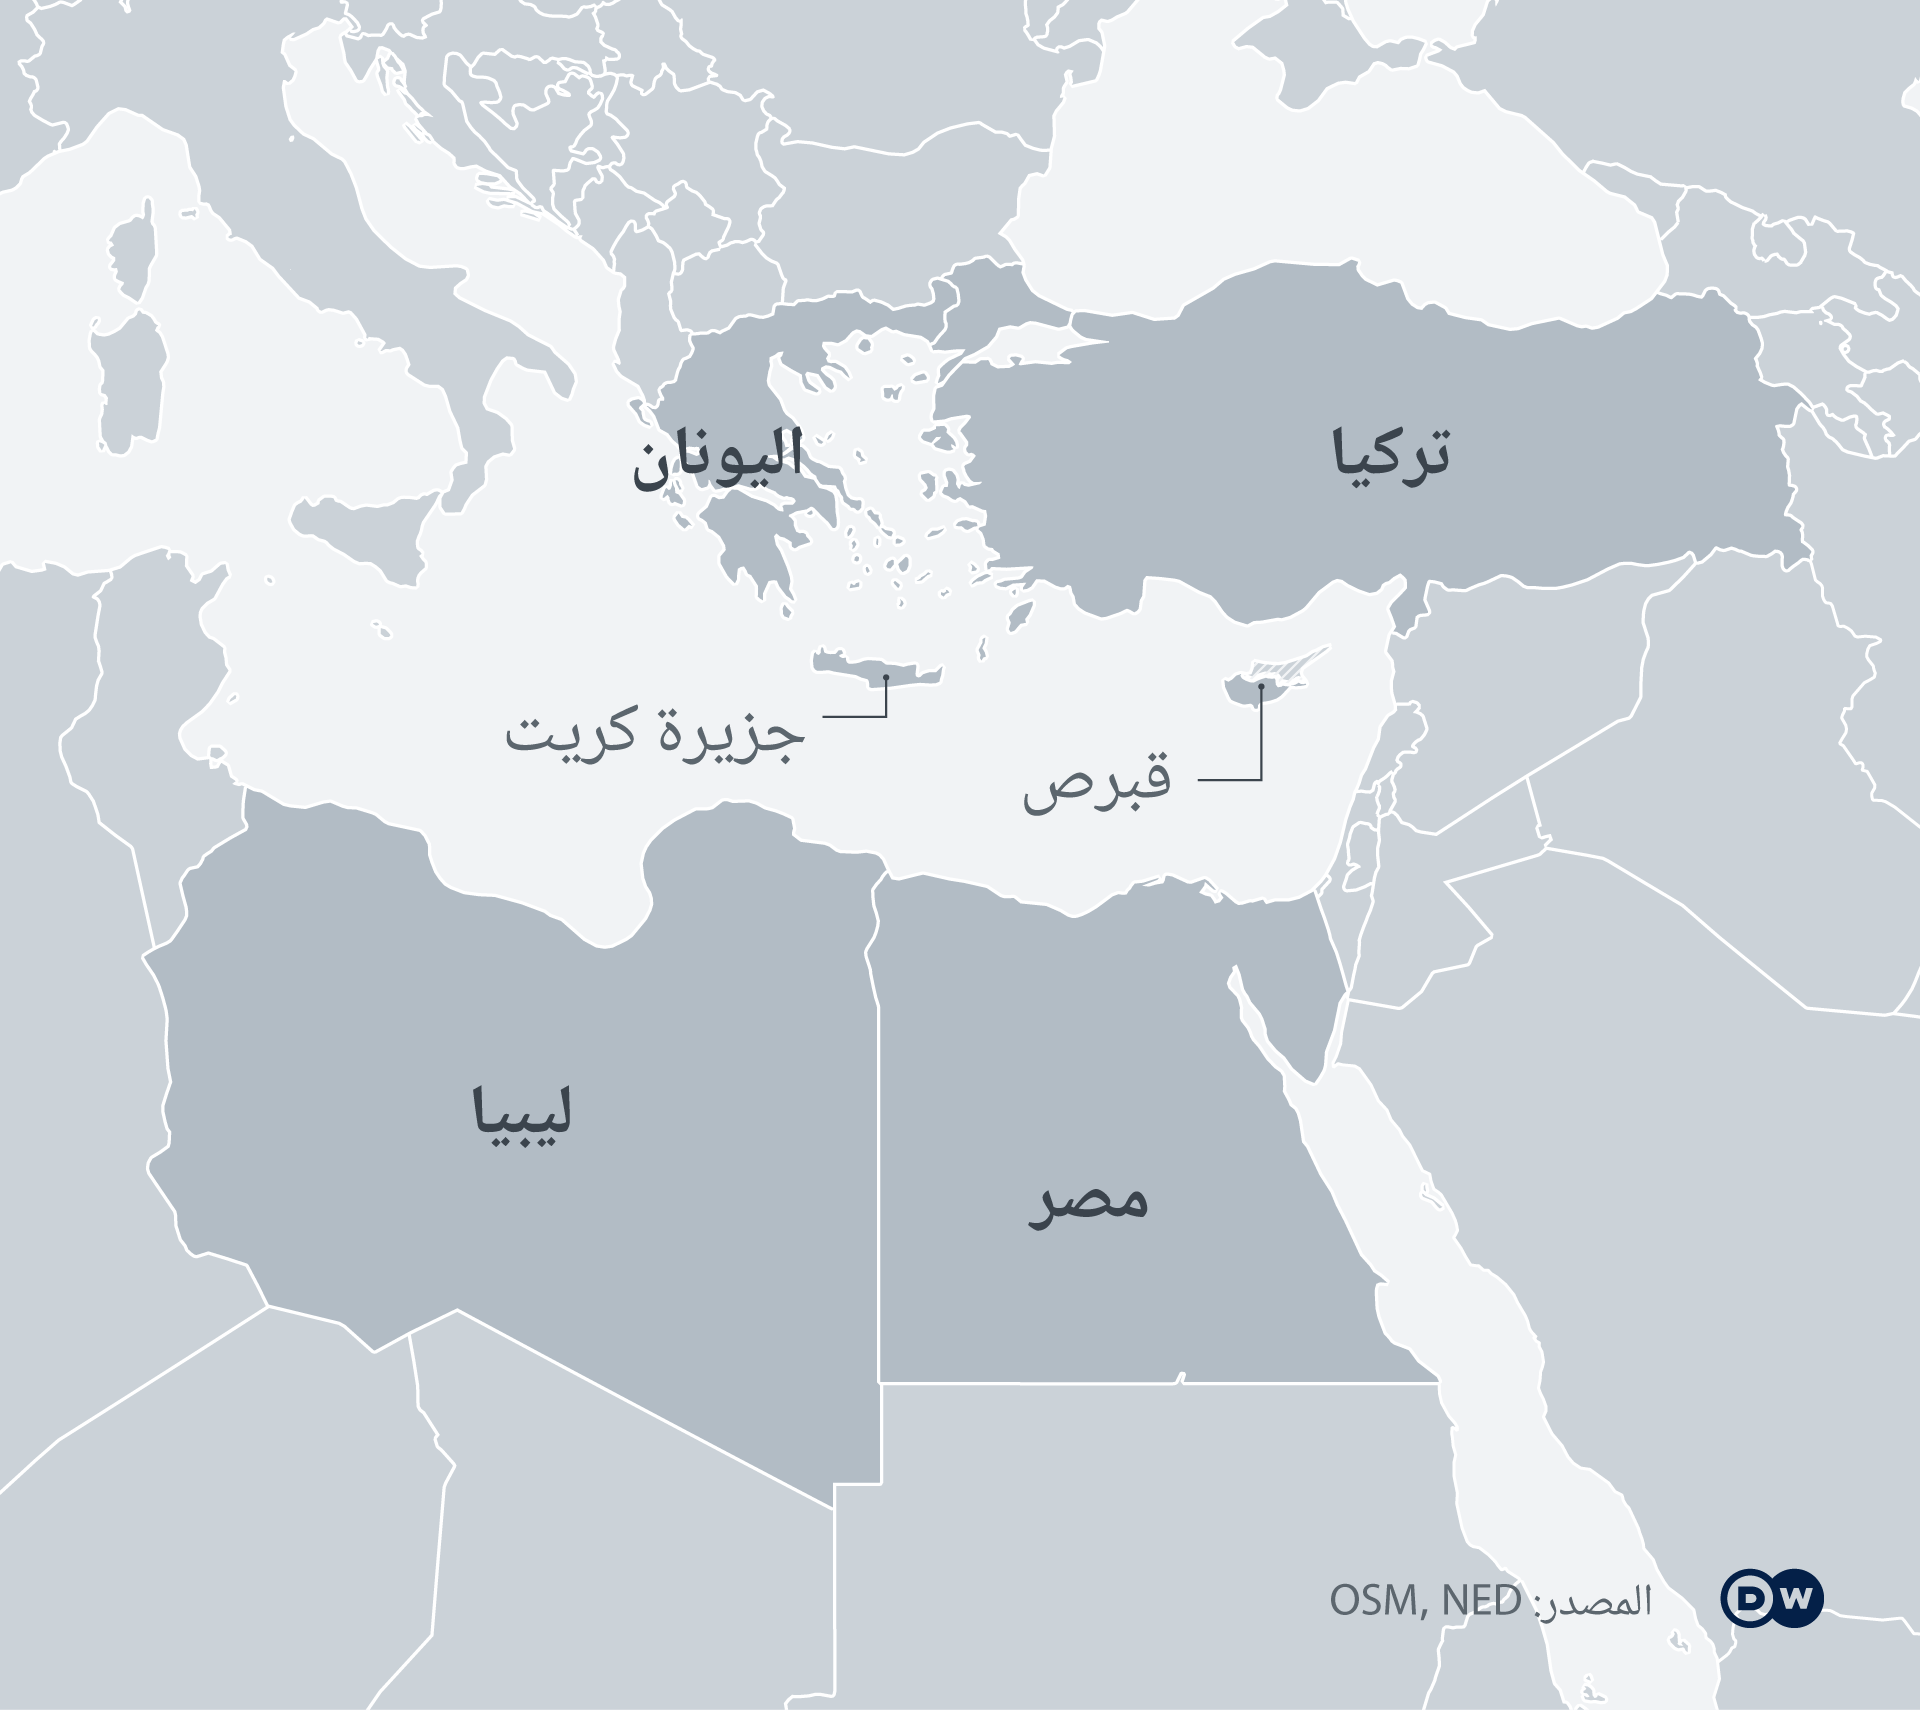 خارطة شرق البحر الأبيض المتوسط